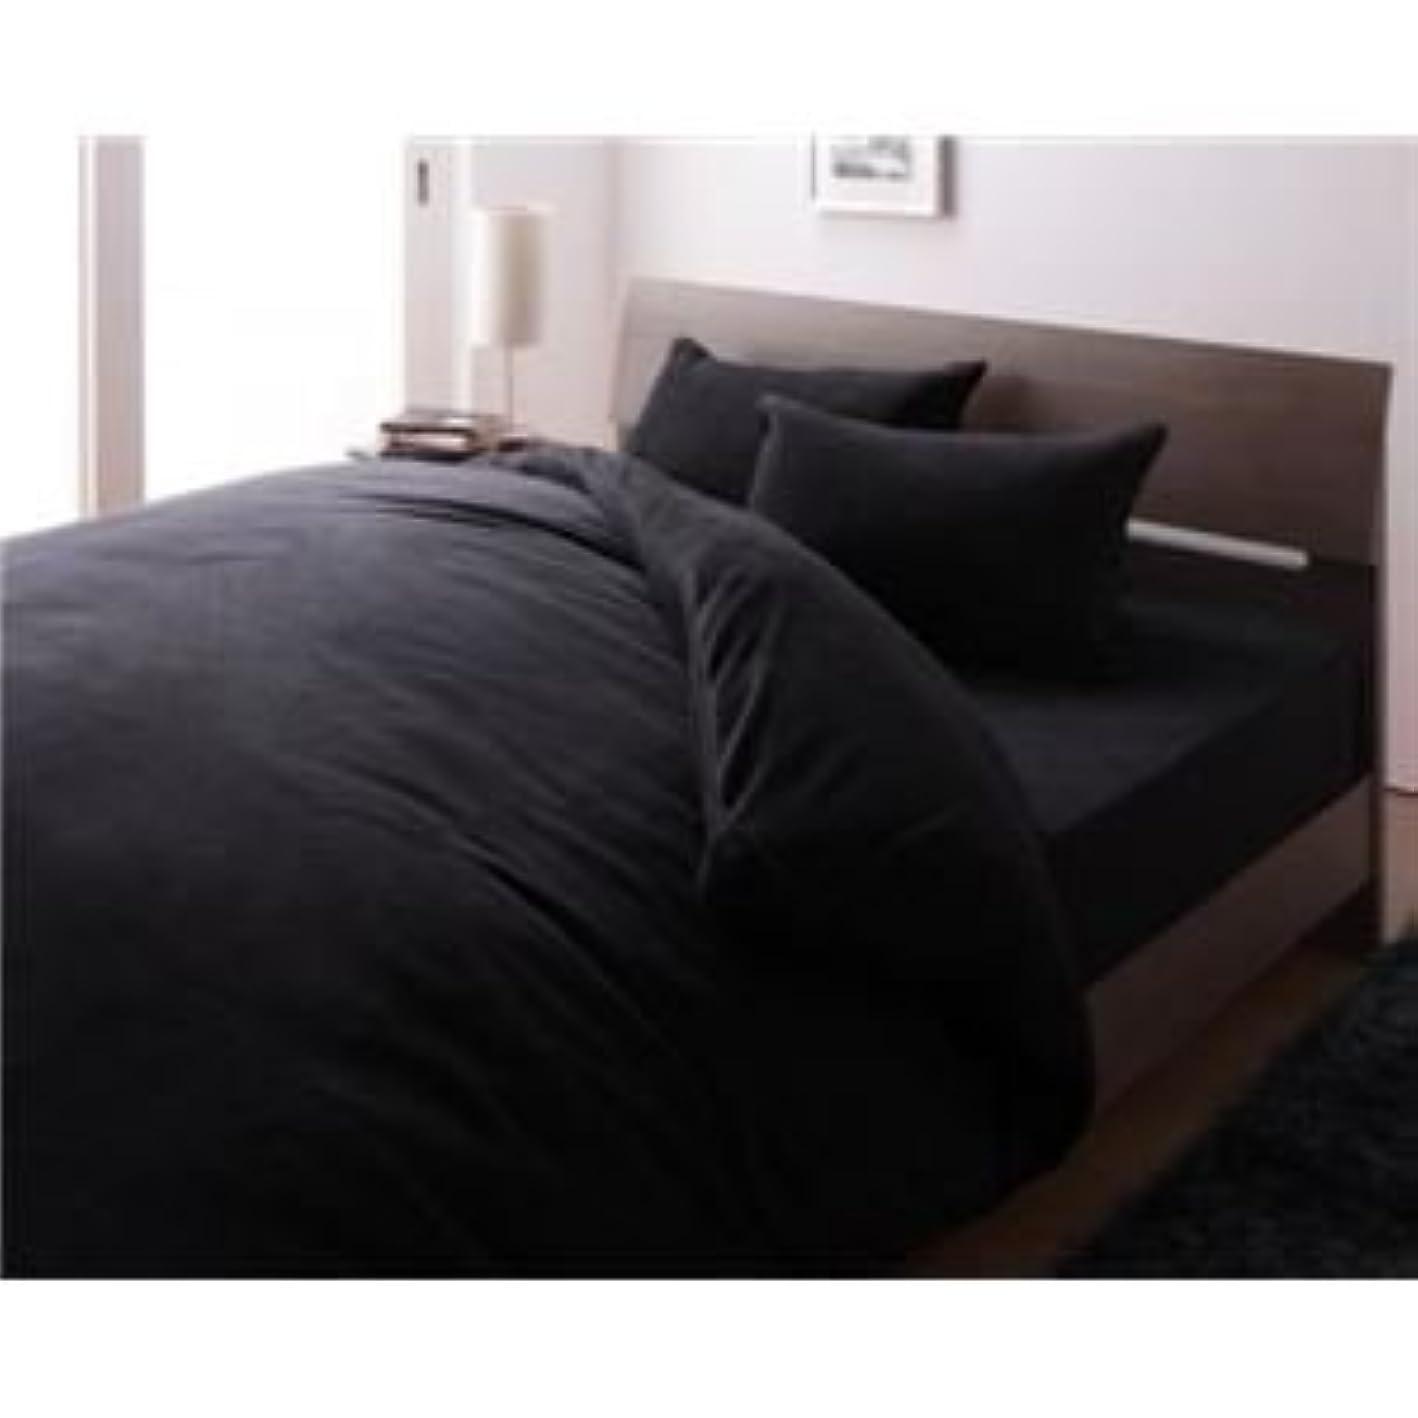 マインド百降雨ボックスシーツ シングル 柄:無地 カラー:ブラック スーパーマイクロフリースカバー